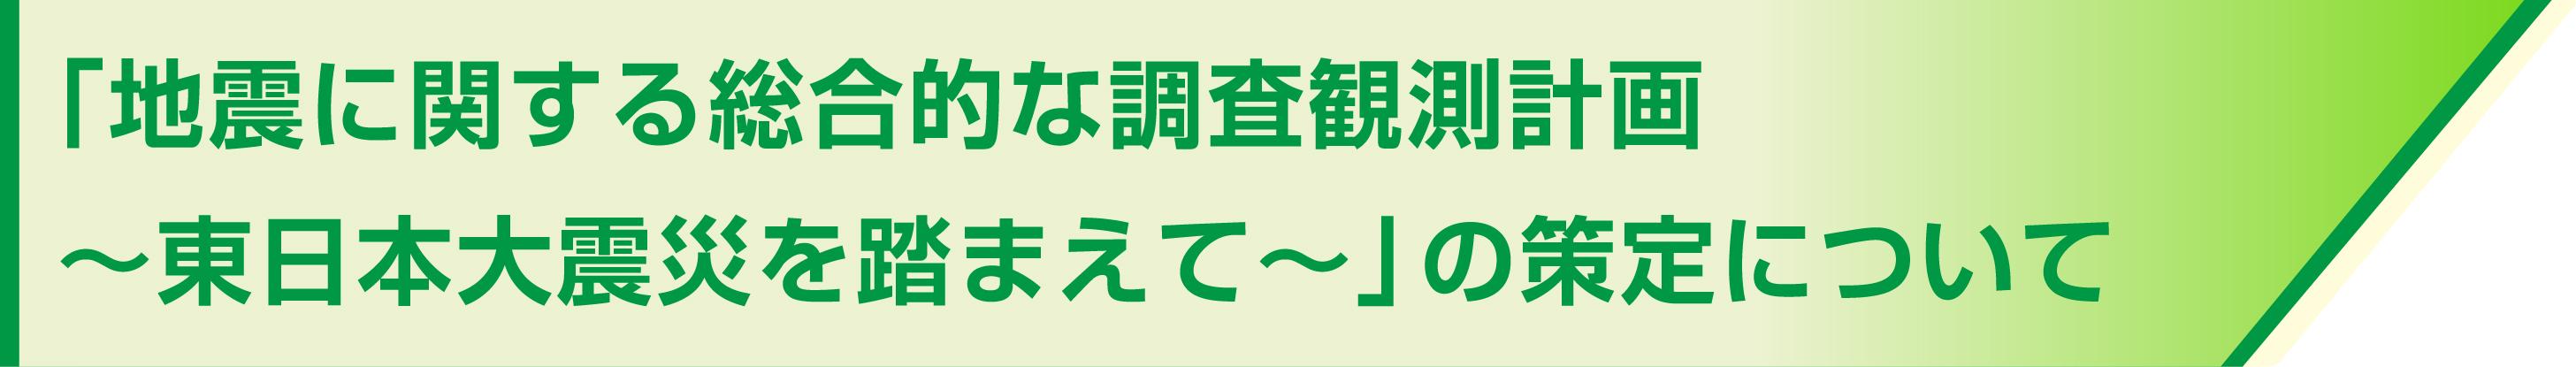 「地震に関する総合的な調査観測計画~東日本大震災を踏まえて~」の策定について